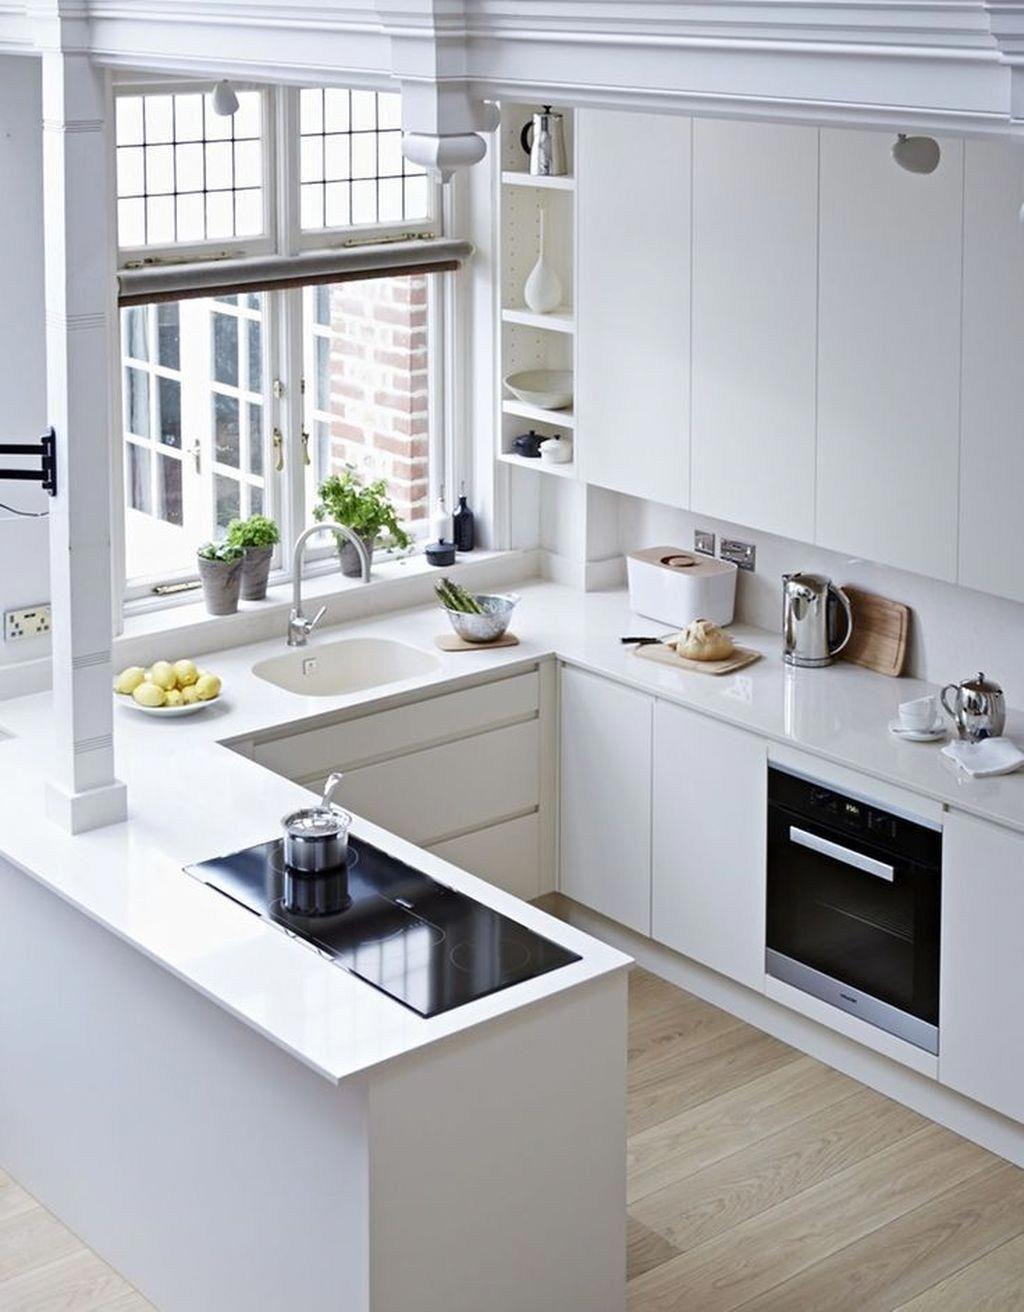 Home Decorating On Pinterest Homedecorationsforsale Refferal 3646150513 Minimalist Small Kitchens Kitchen Cupboard Designs Kitchen Layout